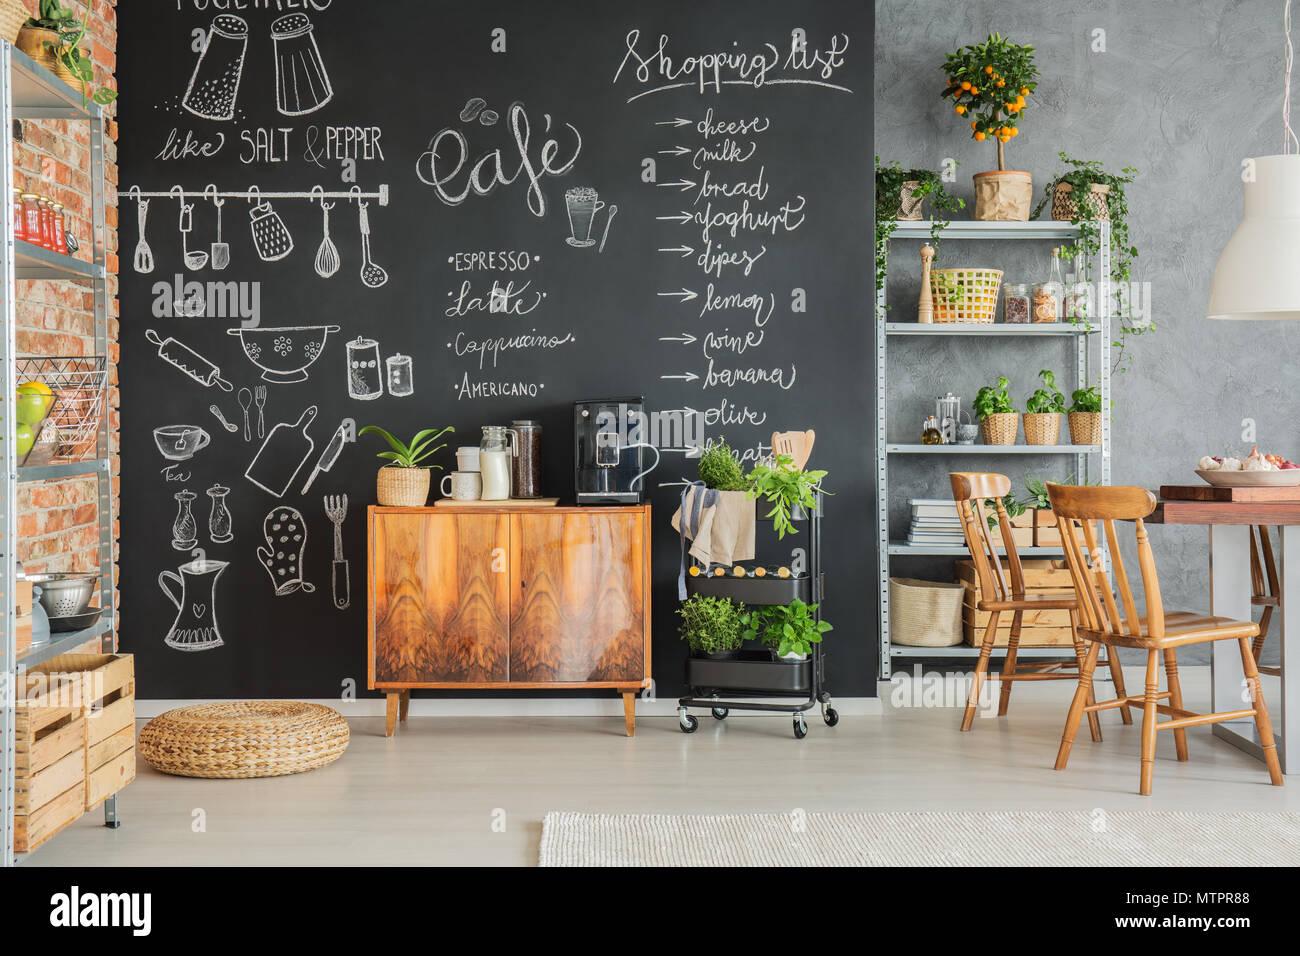 Tafel an der Wand mit niedlichen Zeichnungen in der Küche der ...